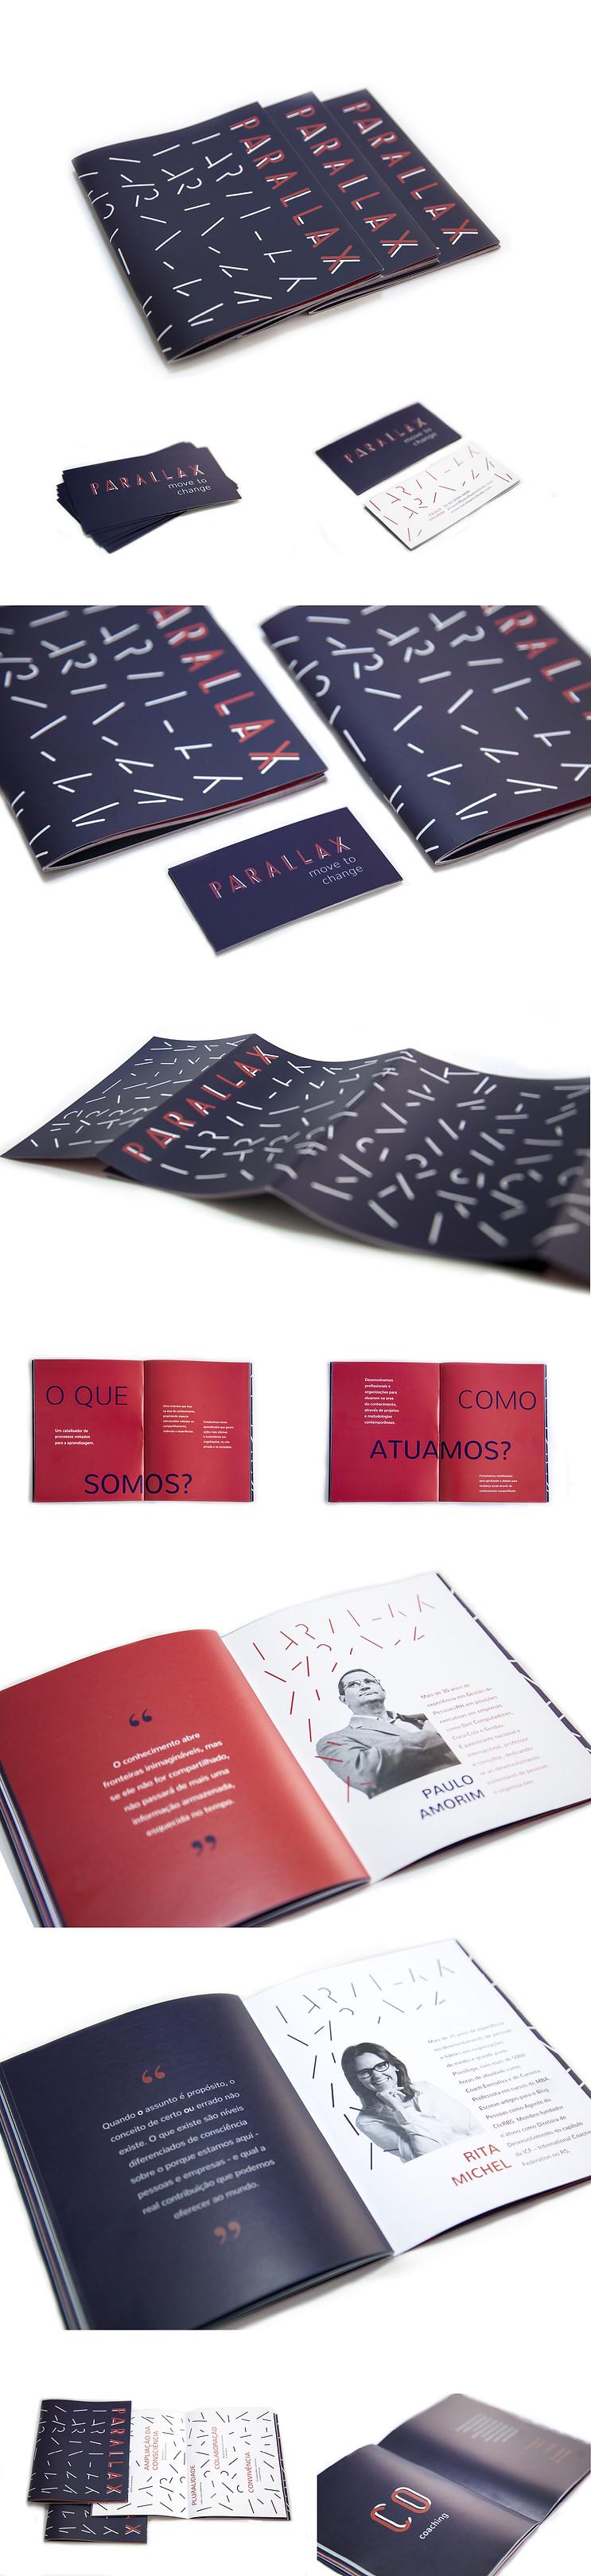 Aplicação da identidade em materiais impressos: livreto de apresentação e cartão de visitas.